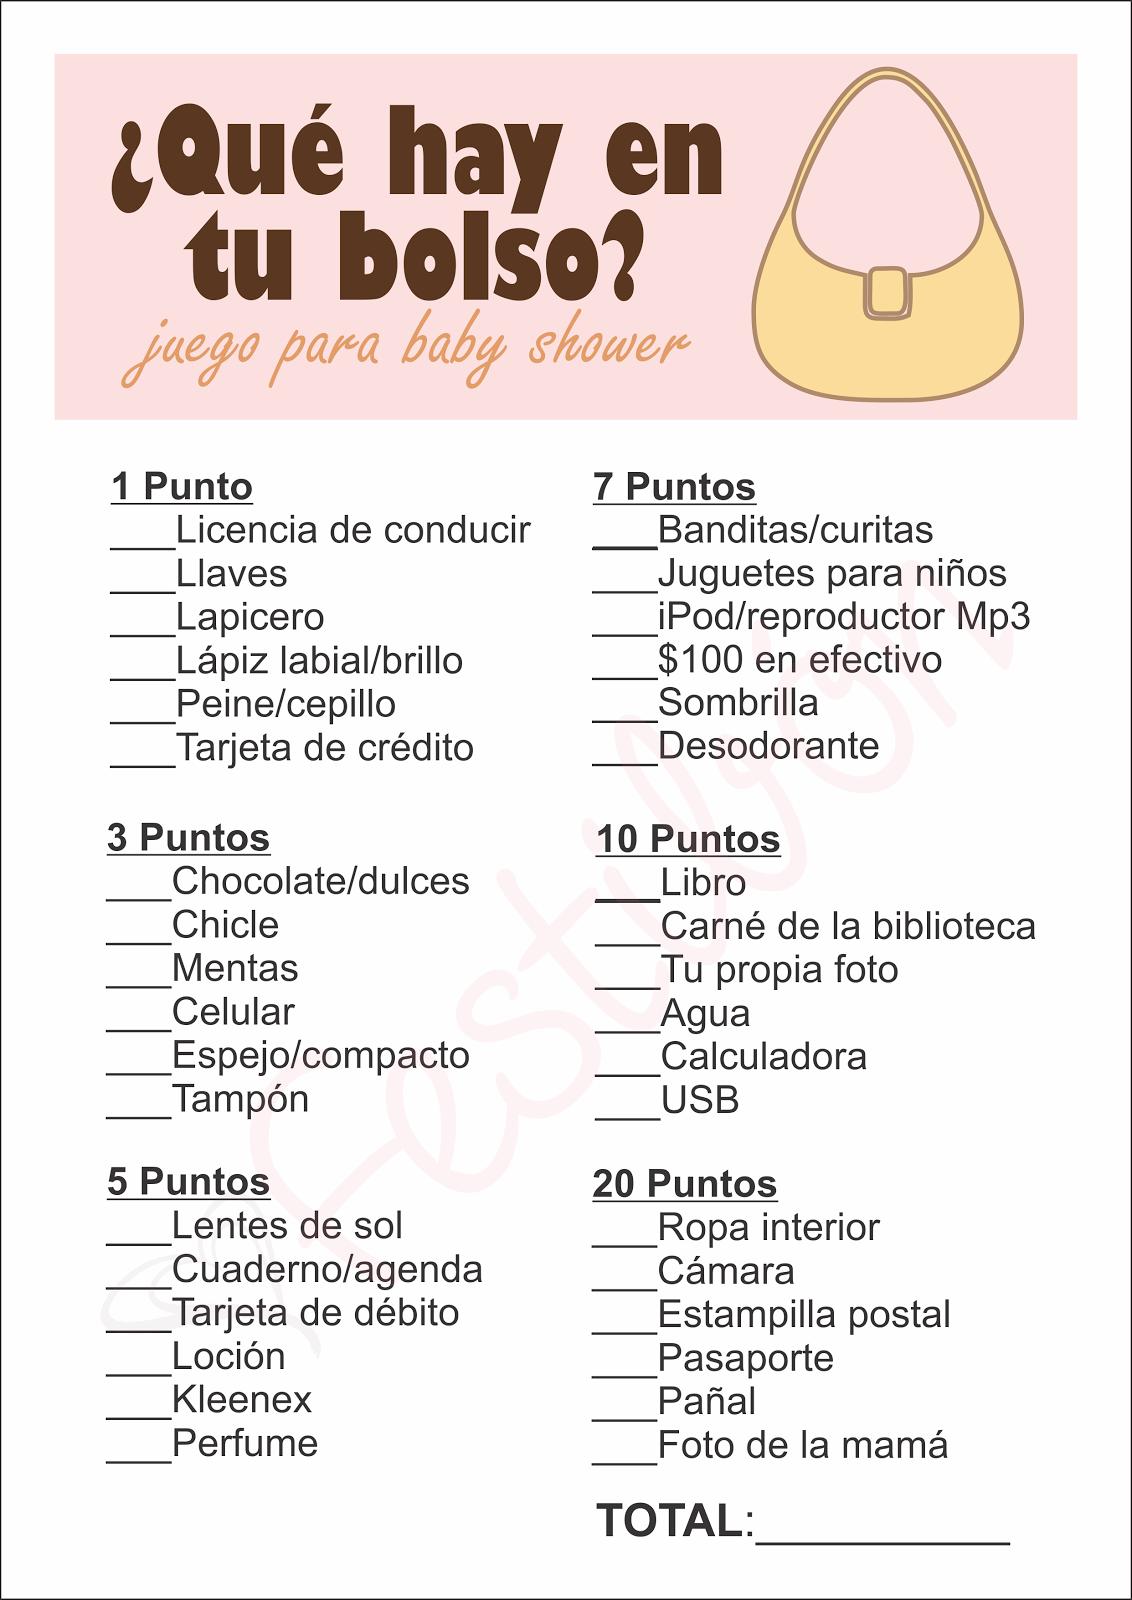 10 Juegos para Baby Shower Originales | Juegos de Baby Shower